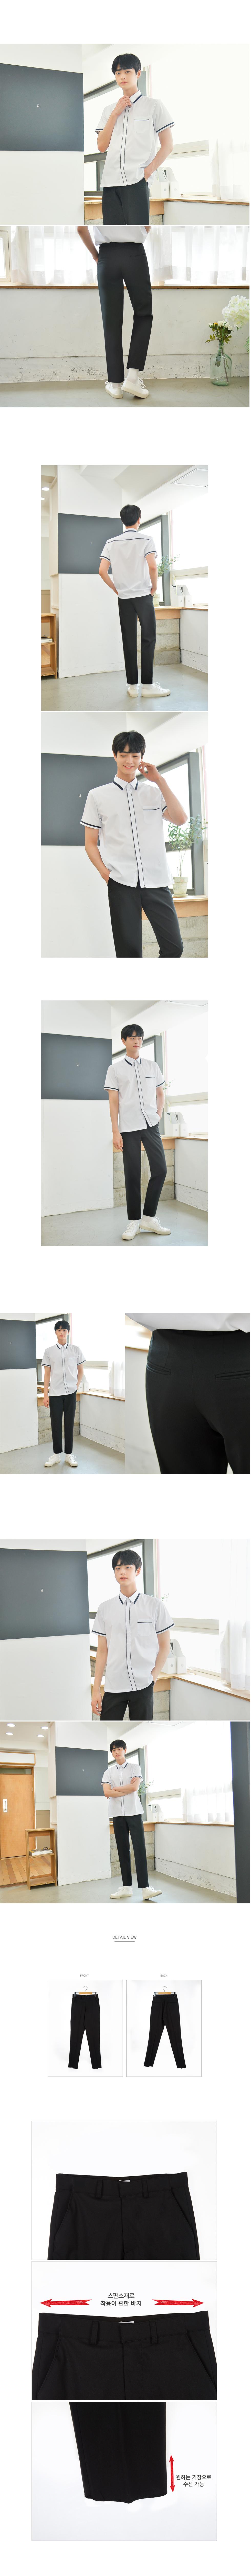 [하복] 스판 블랙 교복바지(남자) - 교복몰, 37,400원, 남성 스쿨룩, 하의